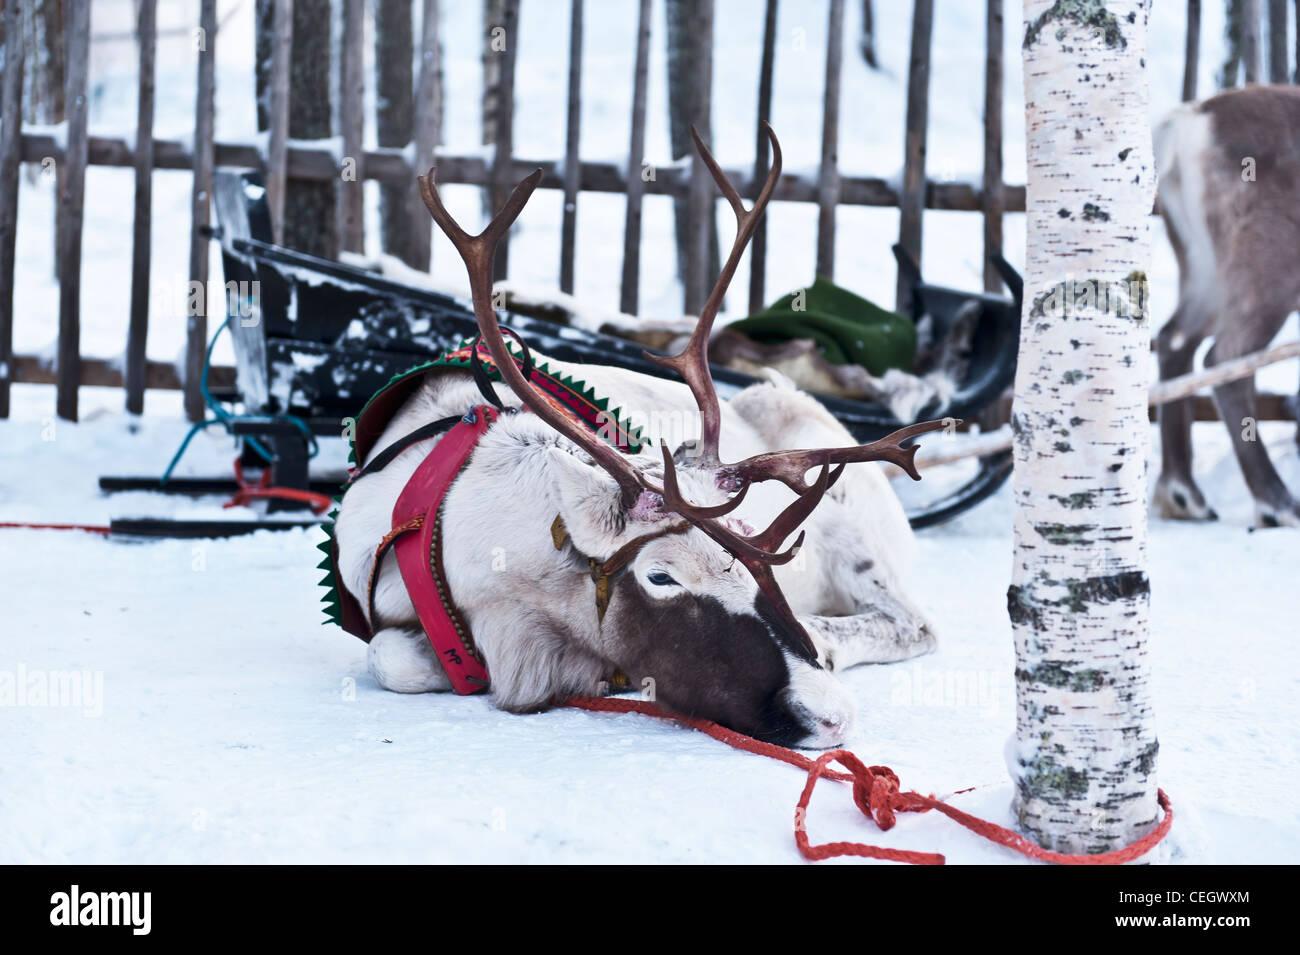 Image avec un renne blanc attaché à un arbre Banque D'Images